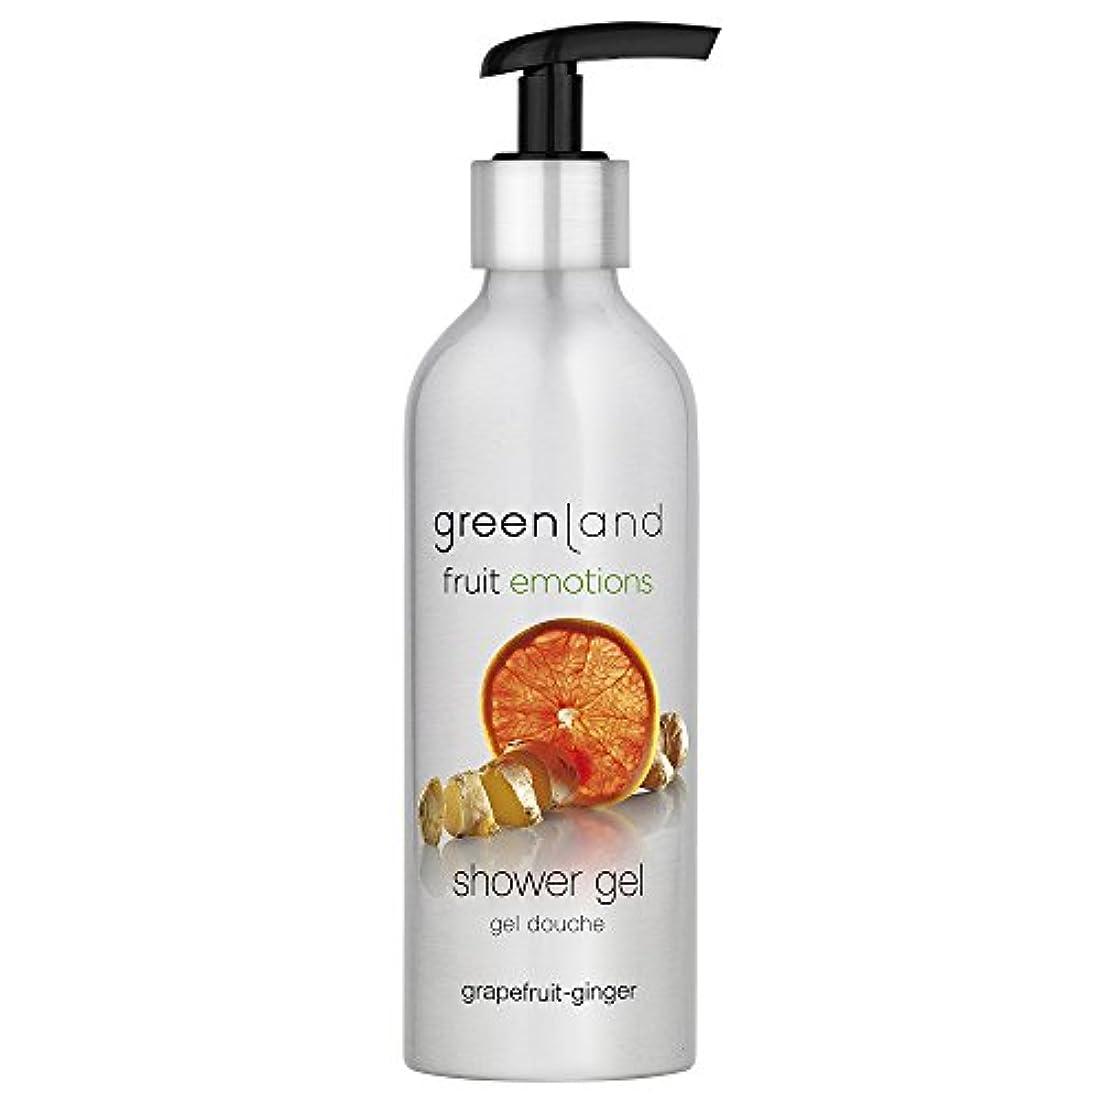 付き添い人荒涼とした味greenland [FruitEmotions] シャワージェル 200ml グレープフルーツ&ジンジャー FE0215